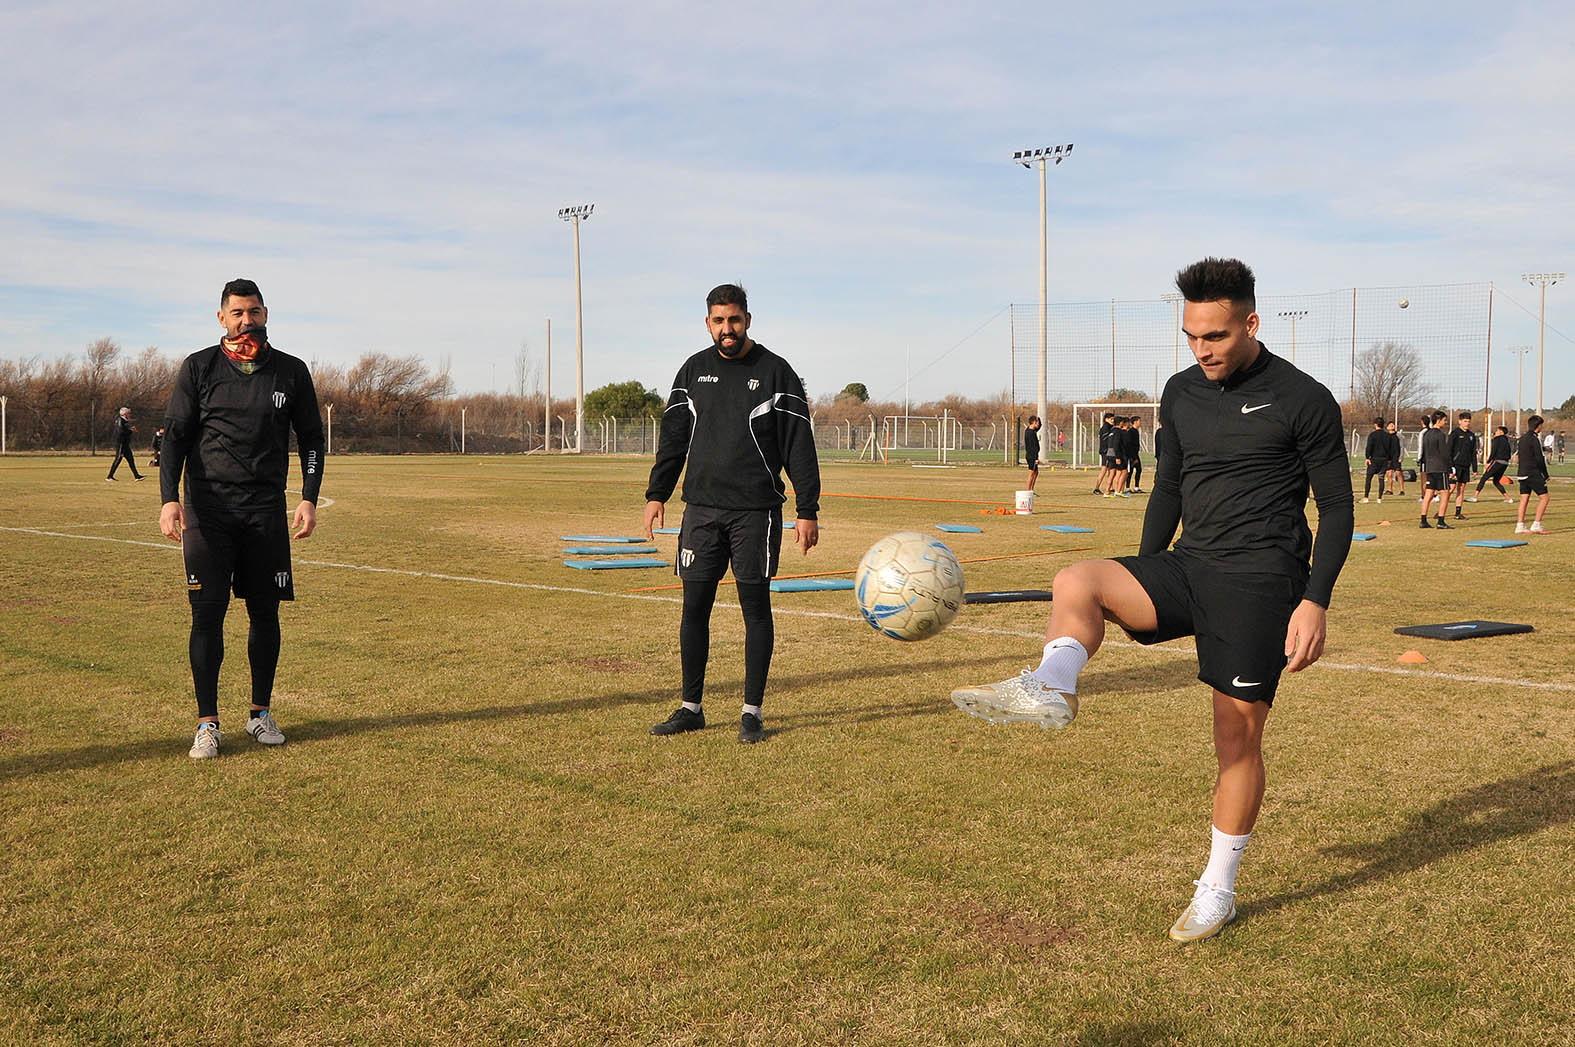 Lautaro Martinez non perde tempo e vuole farsi trovare pronto quando conoscer&agrave; il nuovo allenatore Simone Inzaghi. L&#39;attaccante dell&#39;Inter, in vacanza dopo la vittoria della Coppa America, si sta comunque allenando con il Liniers di Bahia Blanca, la sua citt&agrave; natale.&nbsp;&nbsp;<br /><br />